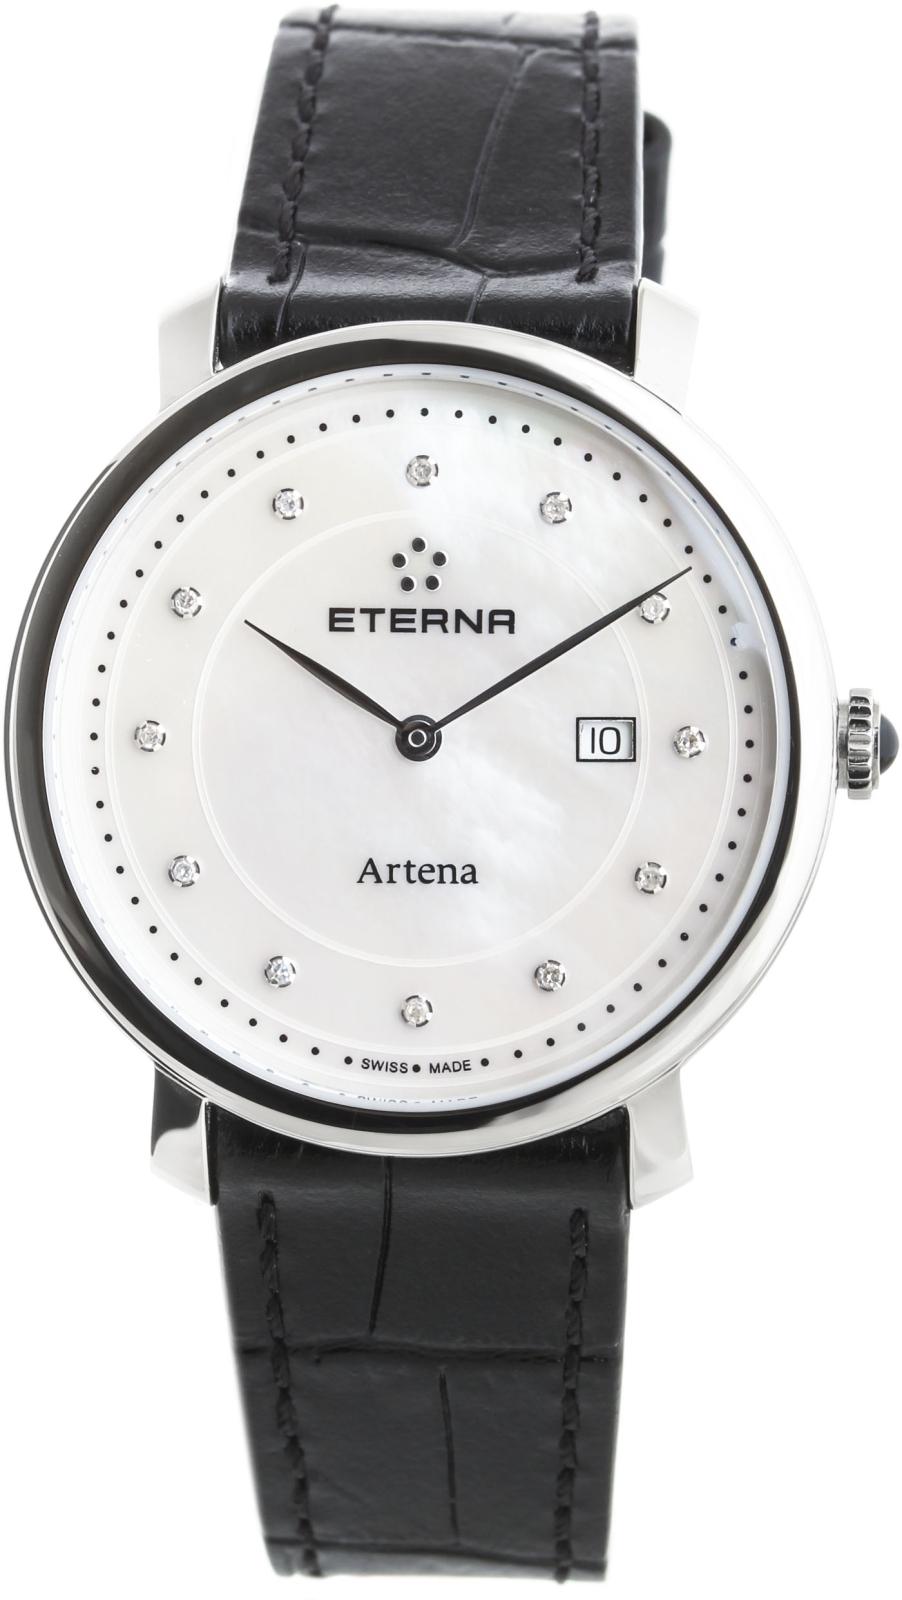 Eterna Artena 2510.41.66.1251Наручные часы<br>Швейцарские часы Eterna Artena 2510.41.66.1251Представленная модель входит в коллекцию Artena. Это настоящие женские часы. Материал корпуса часов — сталь. Стекло - сапфировое. Водозащита этой модели 30 м.<br><br>Пол: Женские<br>Страна-производитель: Швейцария<br>Механизм: Кварцевый<br>Материал корпуса: Сталь<br>Материал ремня/браслета: Кожа<br>Водозащита, диапазон: 20 - 100 м<br>Стекло: Сапфировое<br>Толщина корпуса: None<br>Стиль: None